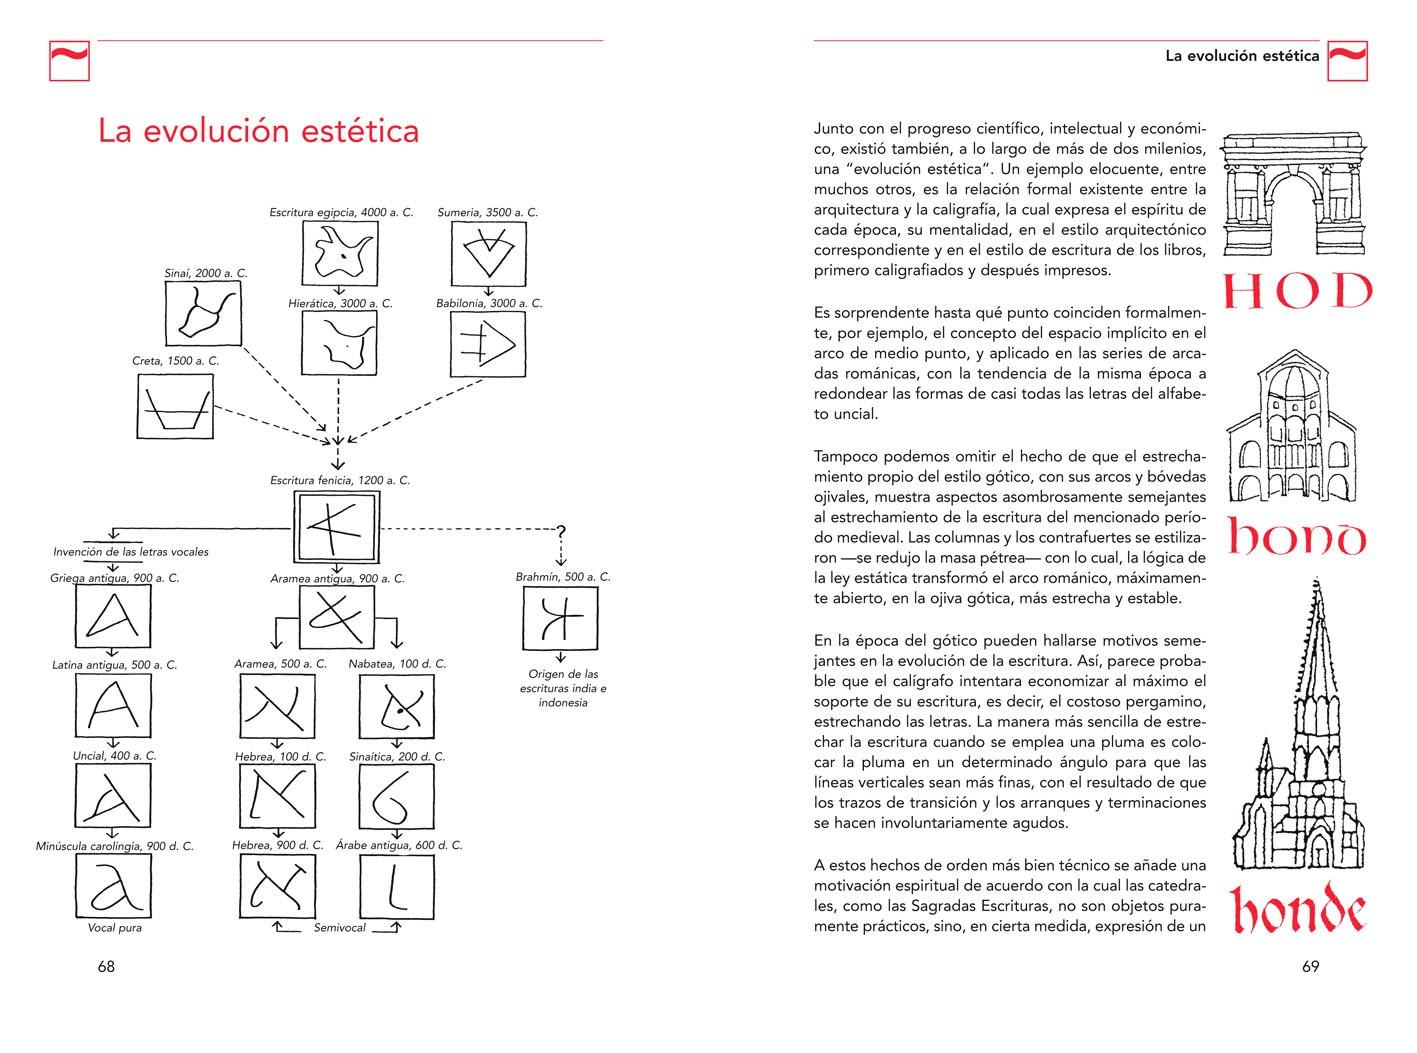 El libro de la tipografía, de Adrian Frutiger - Editorial GG